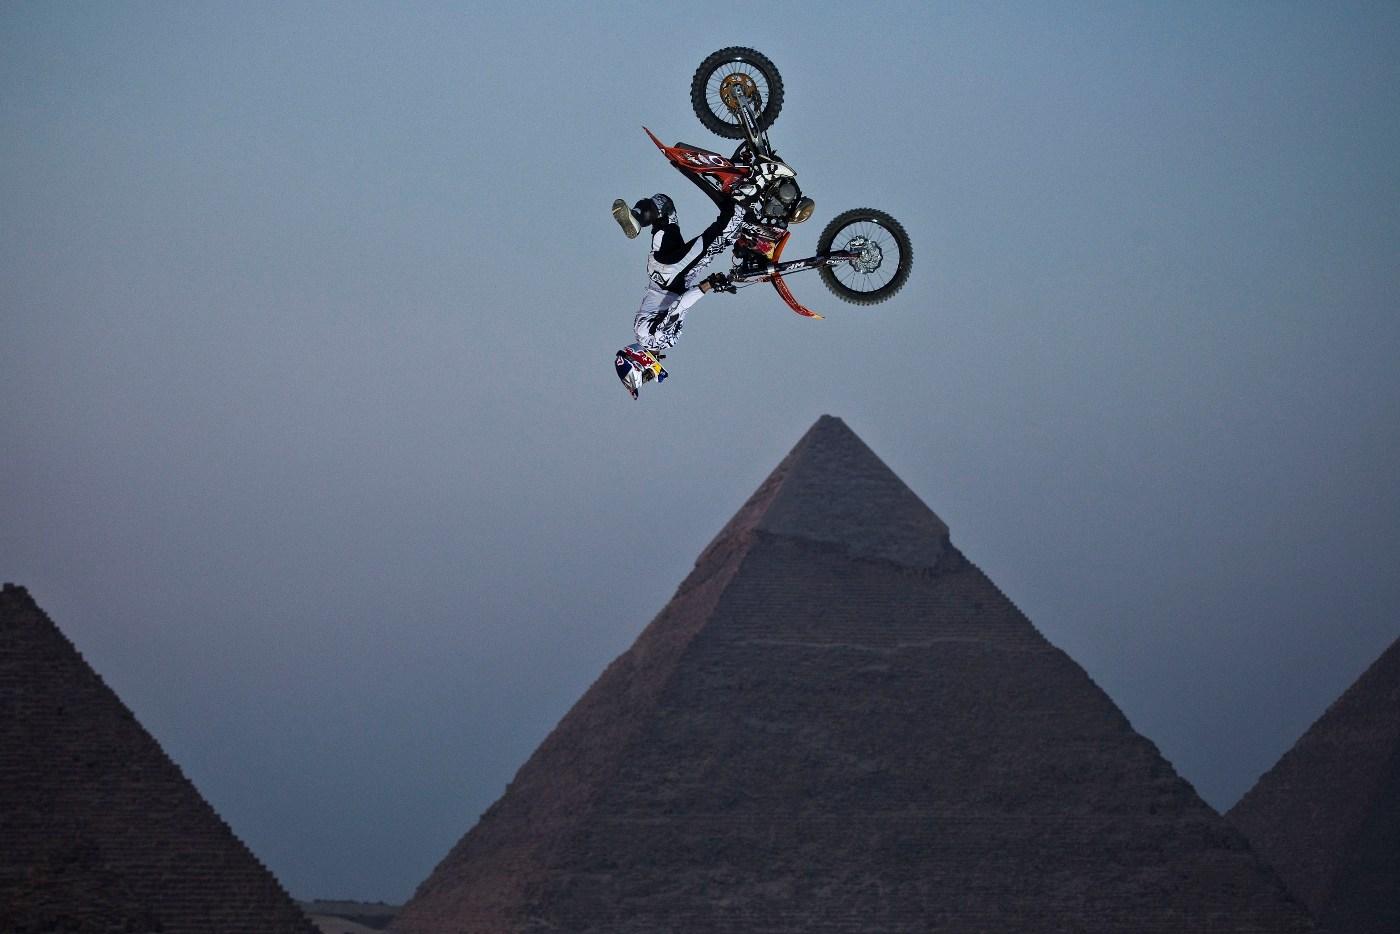 http://2.bp.blogspot.com/_j3UcEeZTdPA/S8Ti3hURFWI/AAAAAAAAC9Y/-BP4agWgaW8/s1600/As+Pir%C3%A2mides+de+Giza,+no+Egito,+ser%C3%A3o+o+palco+da+segunda+etapa+no+m%C3%AAs+que+vem.jpg